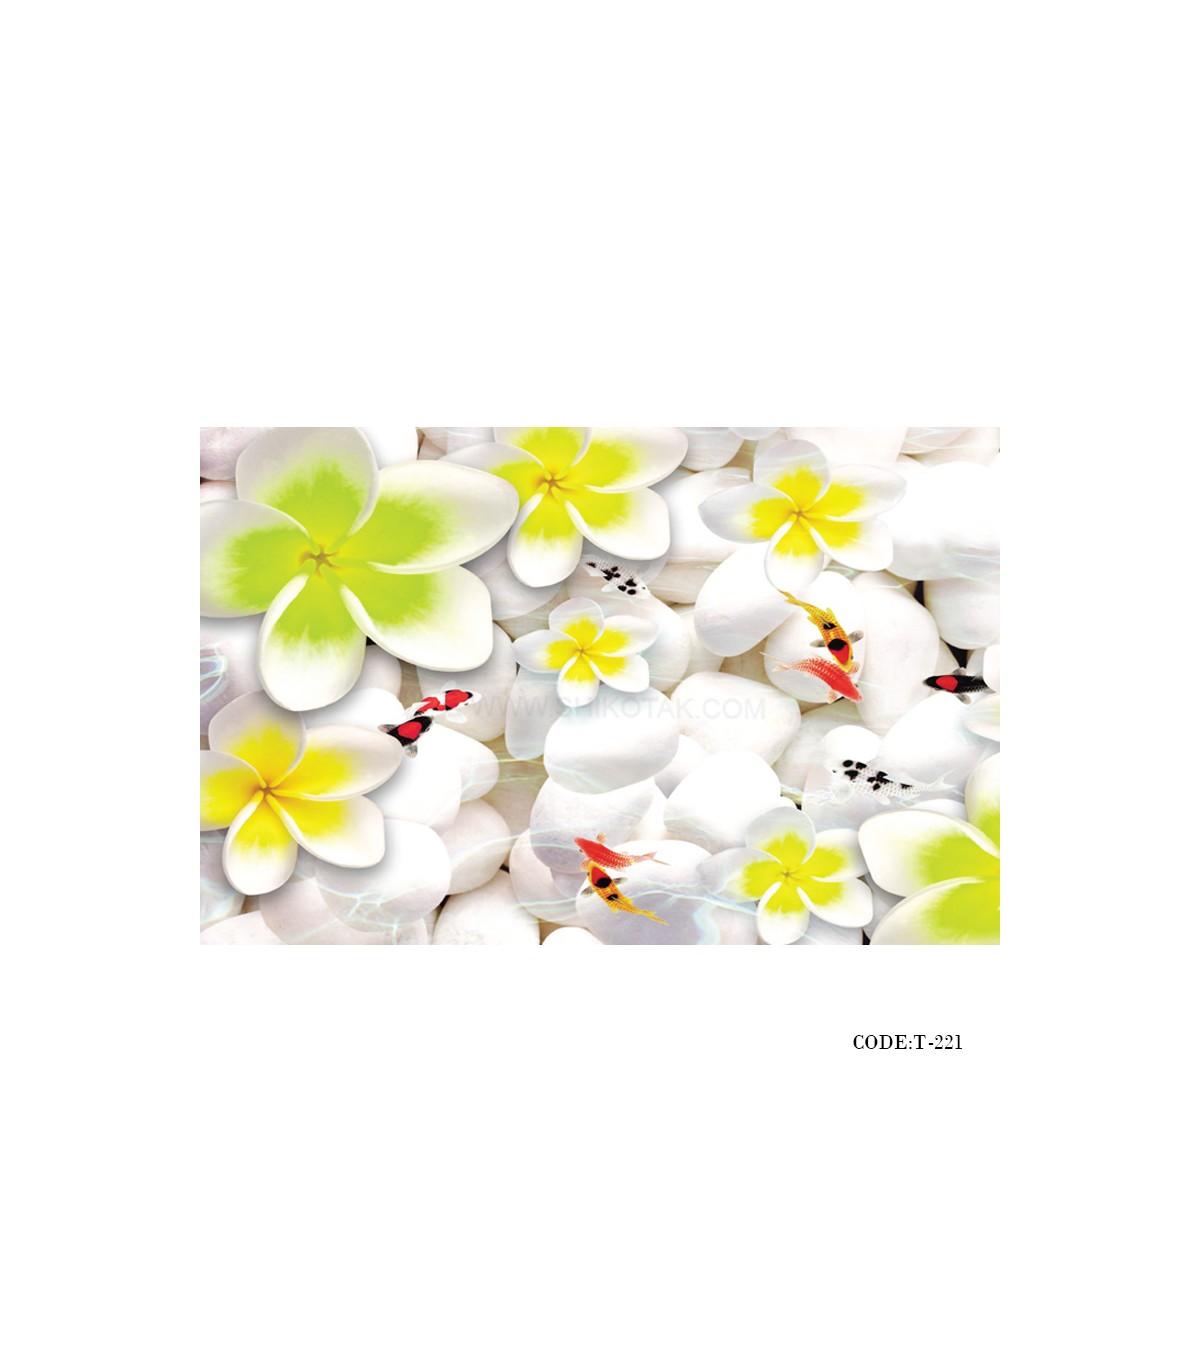 تصویر پوستردیواری سه بعدی پارچه ای طرح گلهای بهار